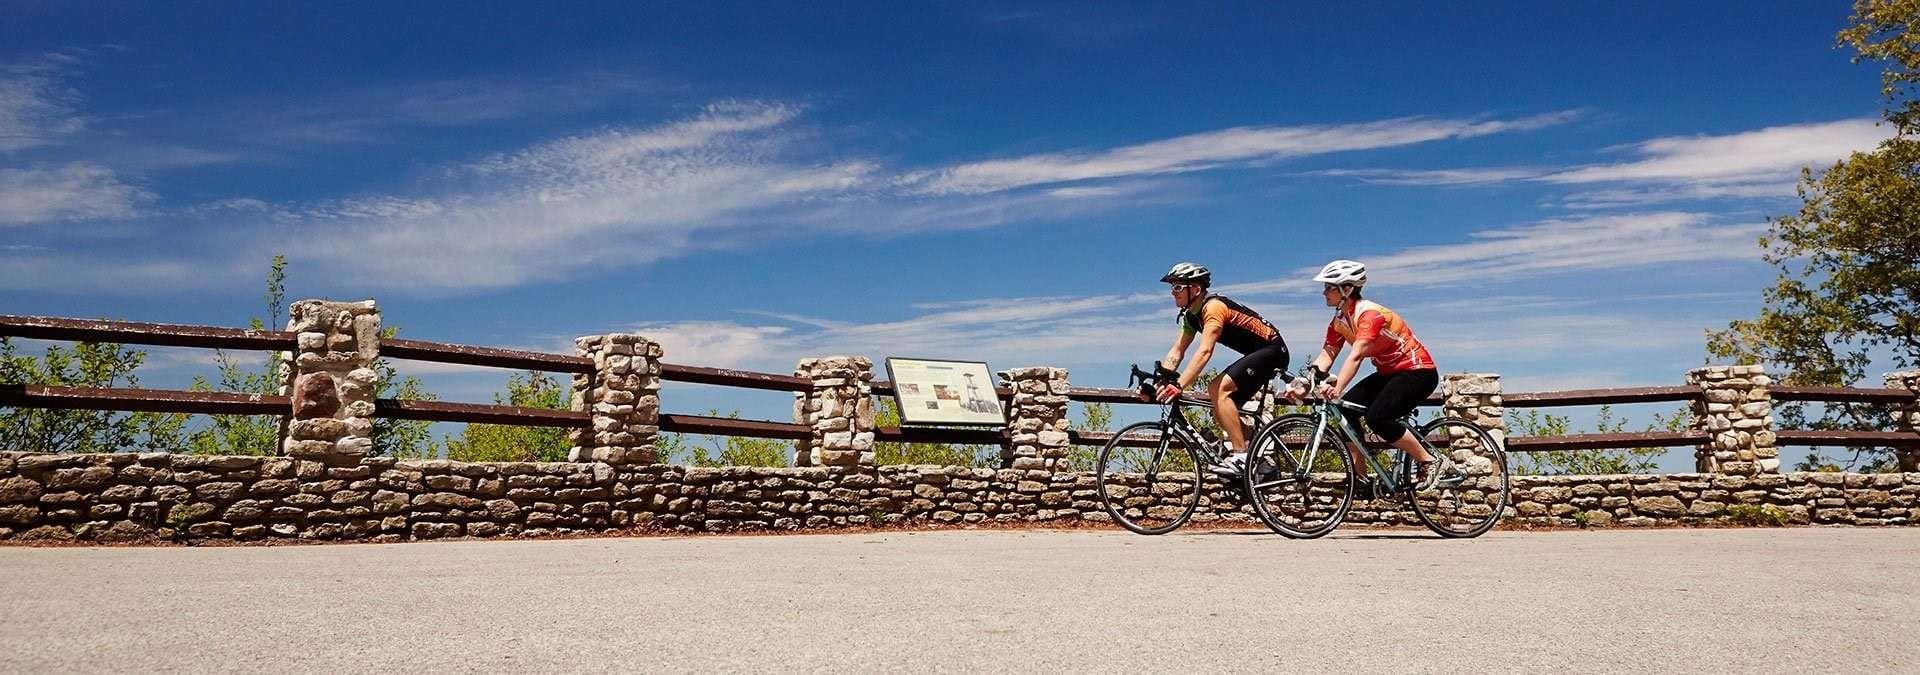 Ephraim Shores - biking in Door County